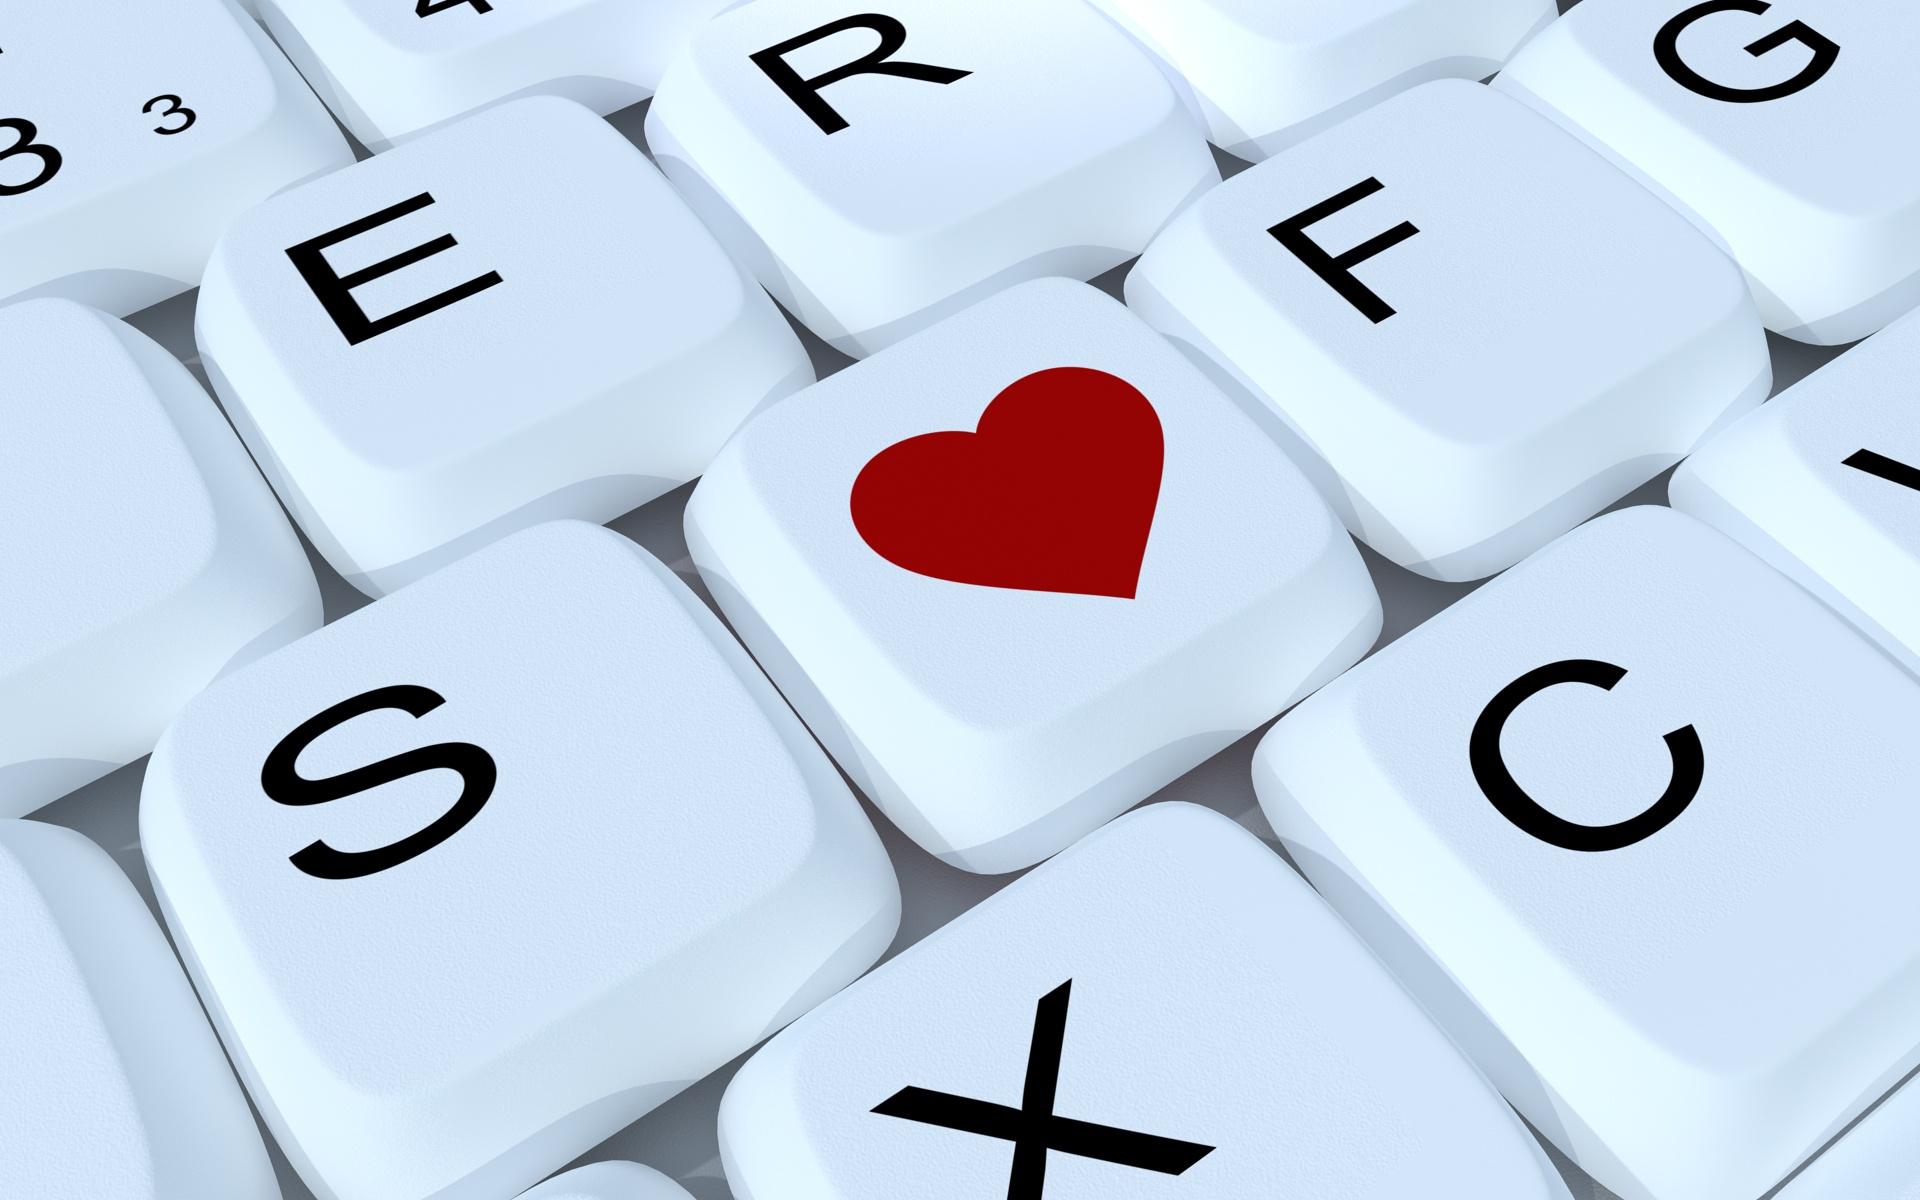 wallpaper love heart letter